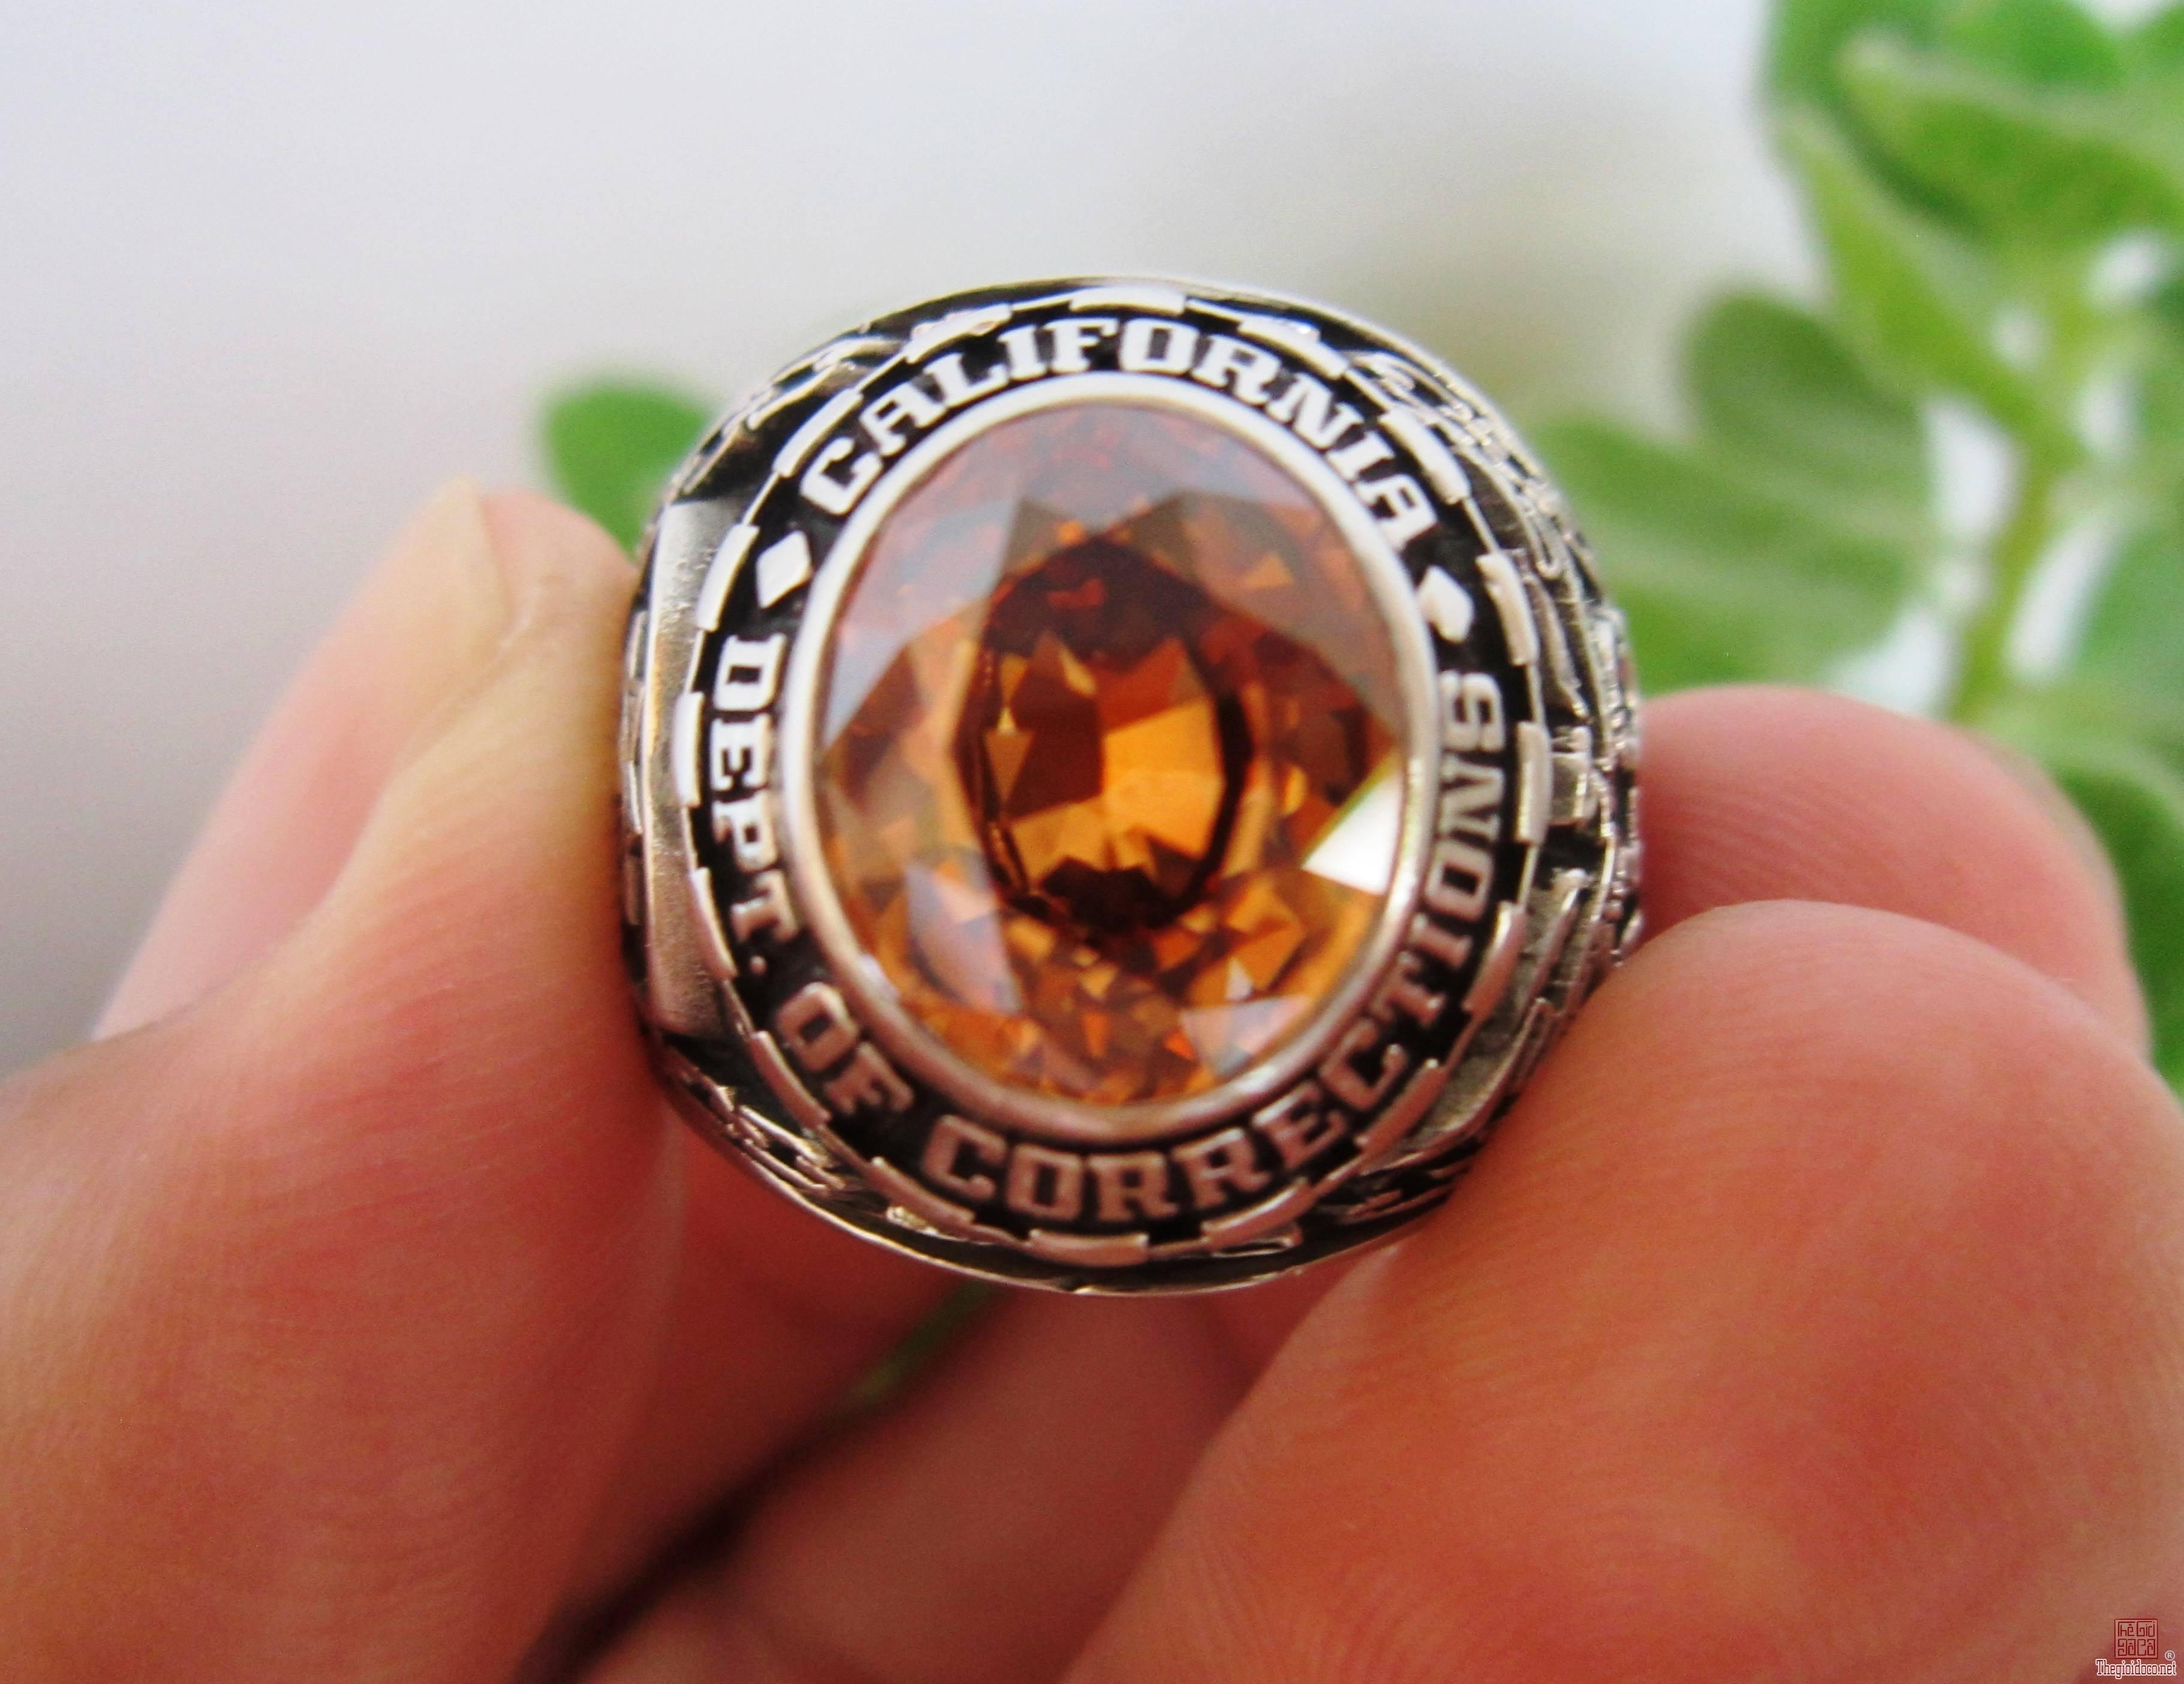 Nhẫn hợp kim Cơ quan Thực thi pháp luật, hột vàng cam hiếm gặp, giá trị sưu tầm cao.